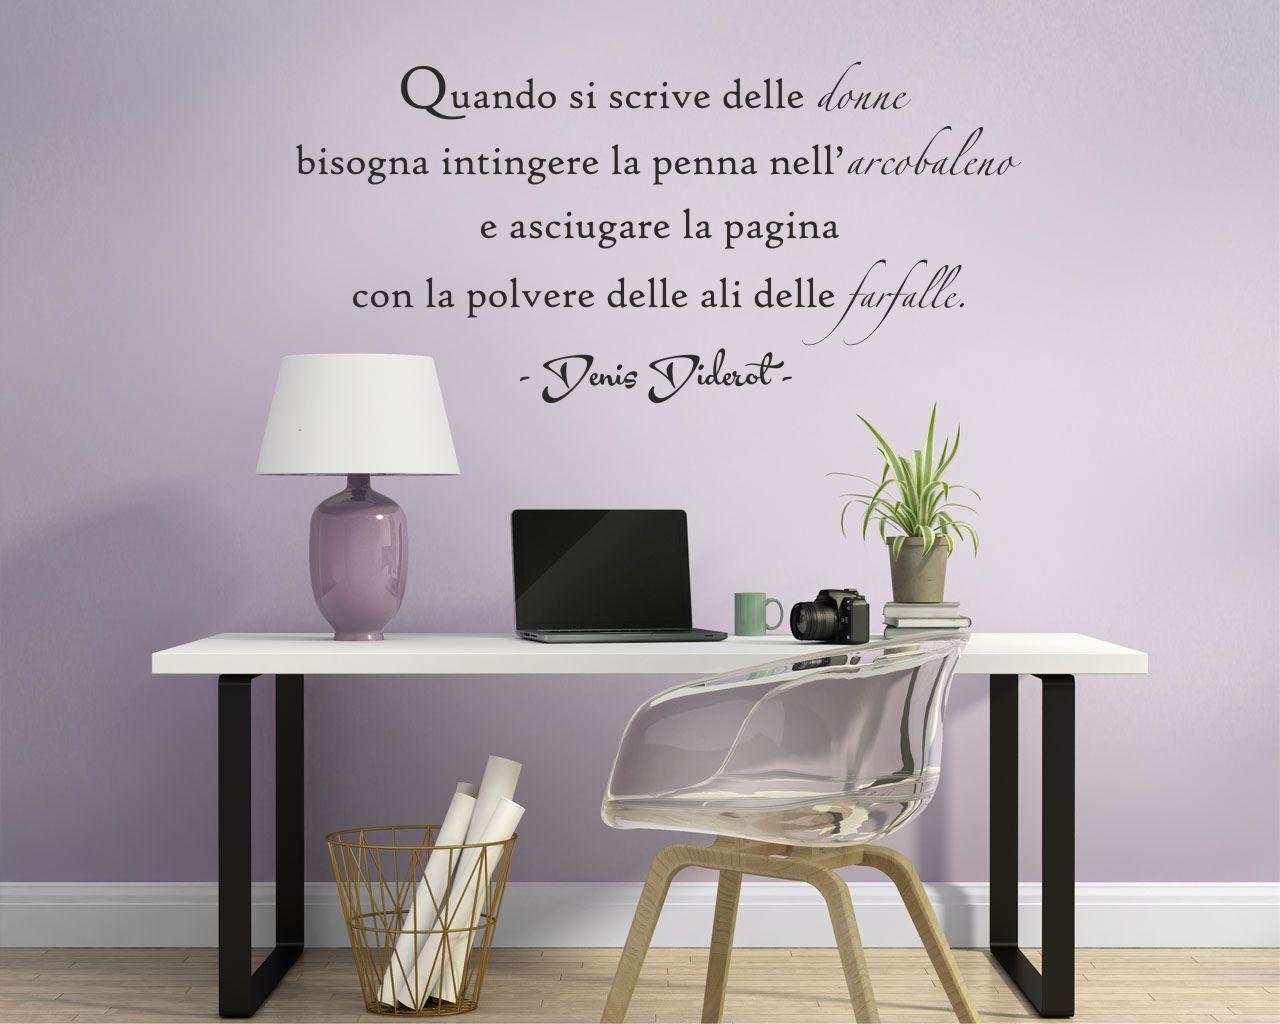 adesivo murale-D. Diderot-Quando si scrive delle donne